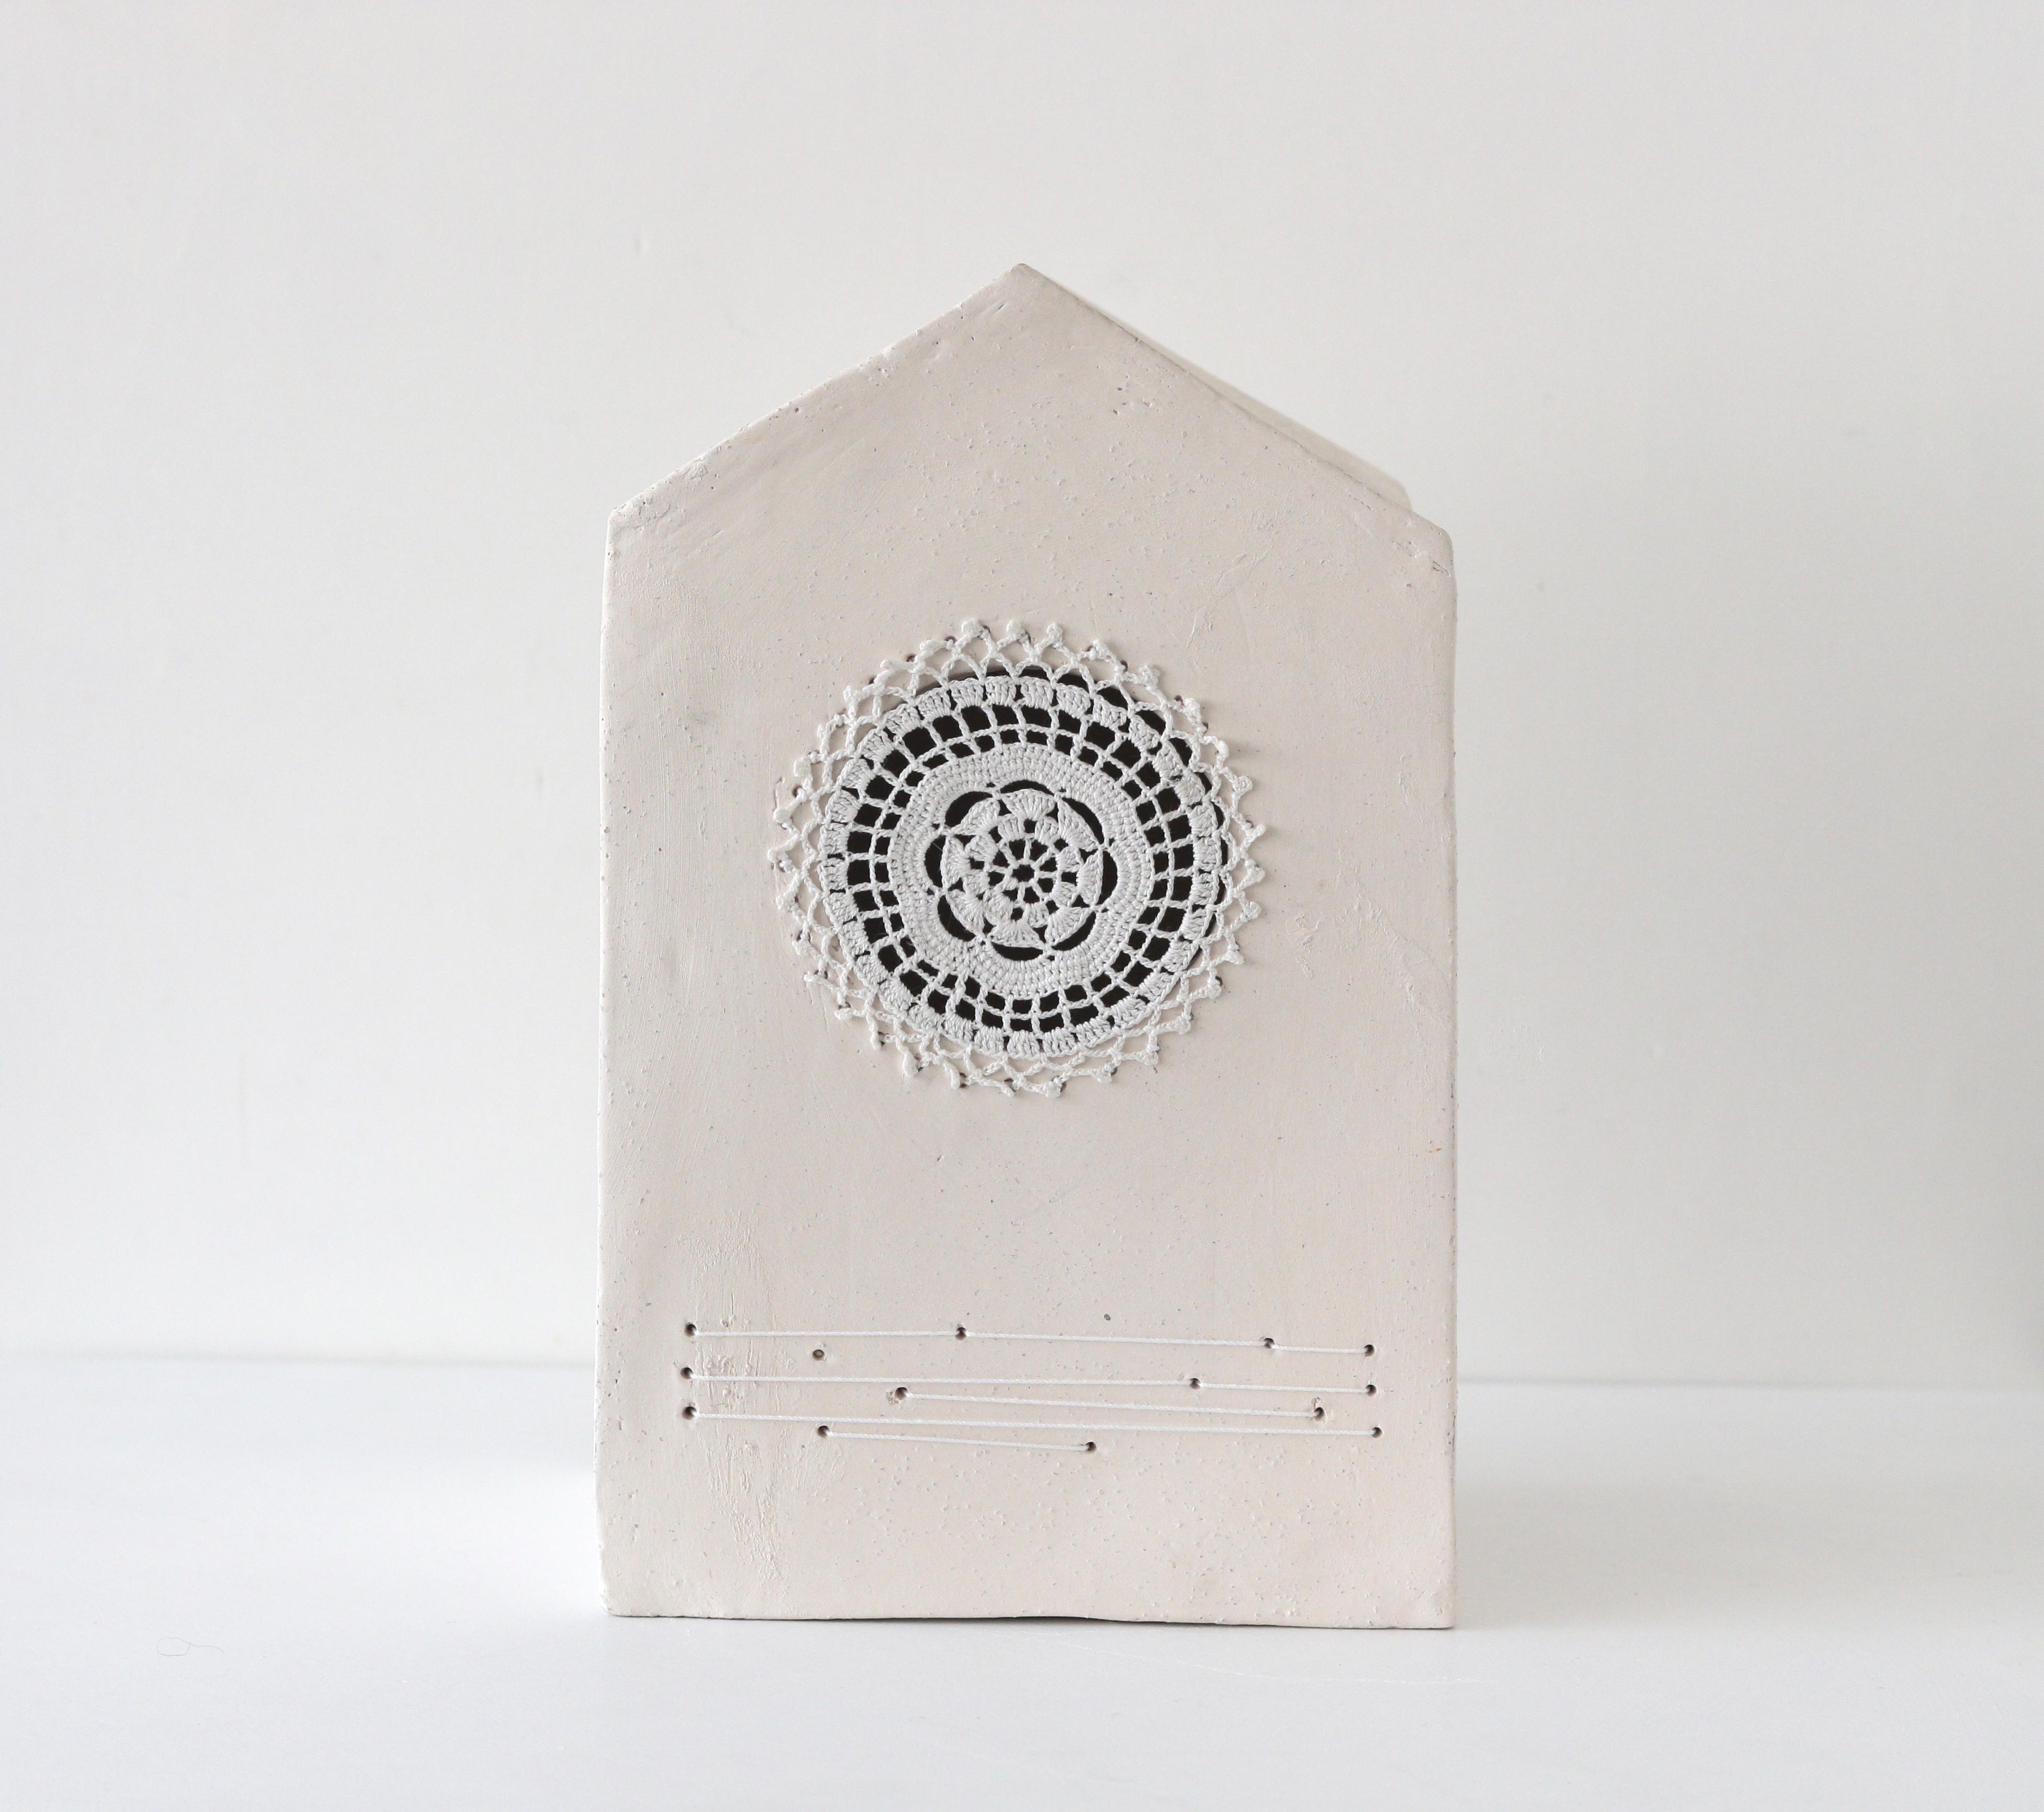 """Camilla Marinoni """"Accoglienza-MultiverCity"""" (Doily), ceramic sculpture"""